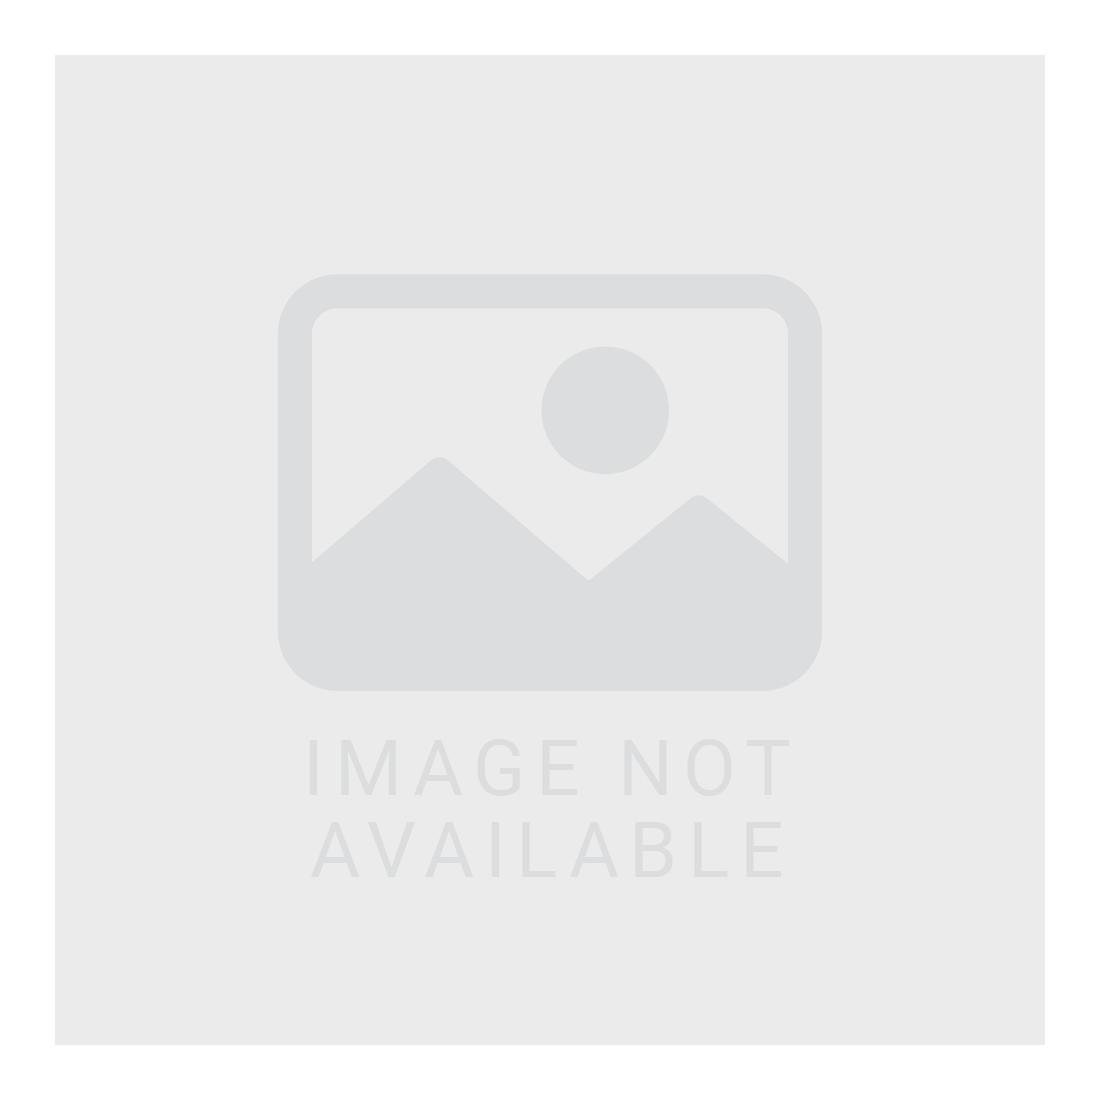 Madagascar Duffle Backpack Hybrid